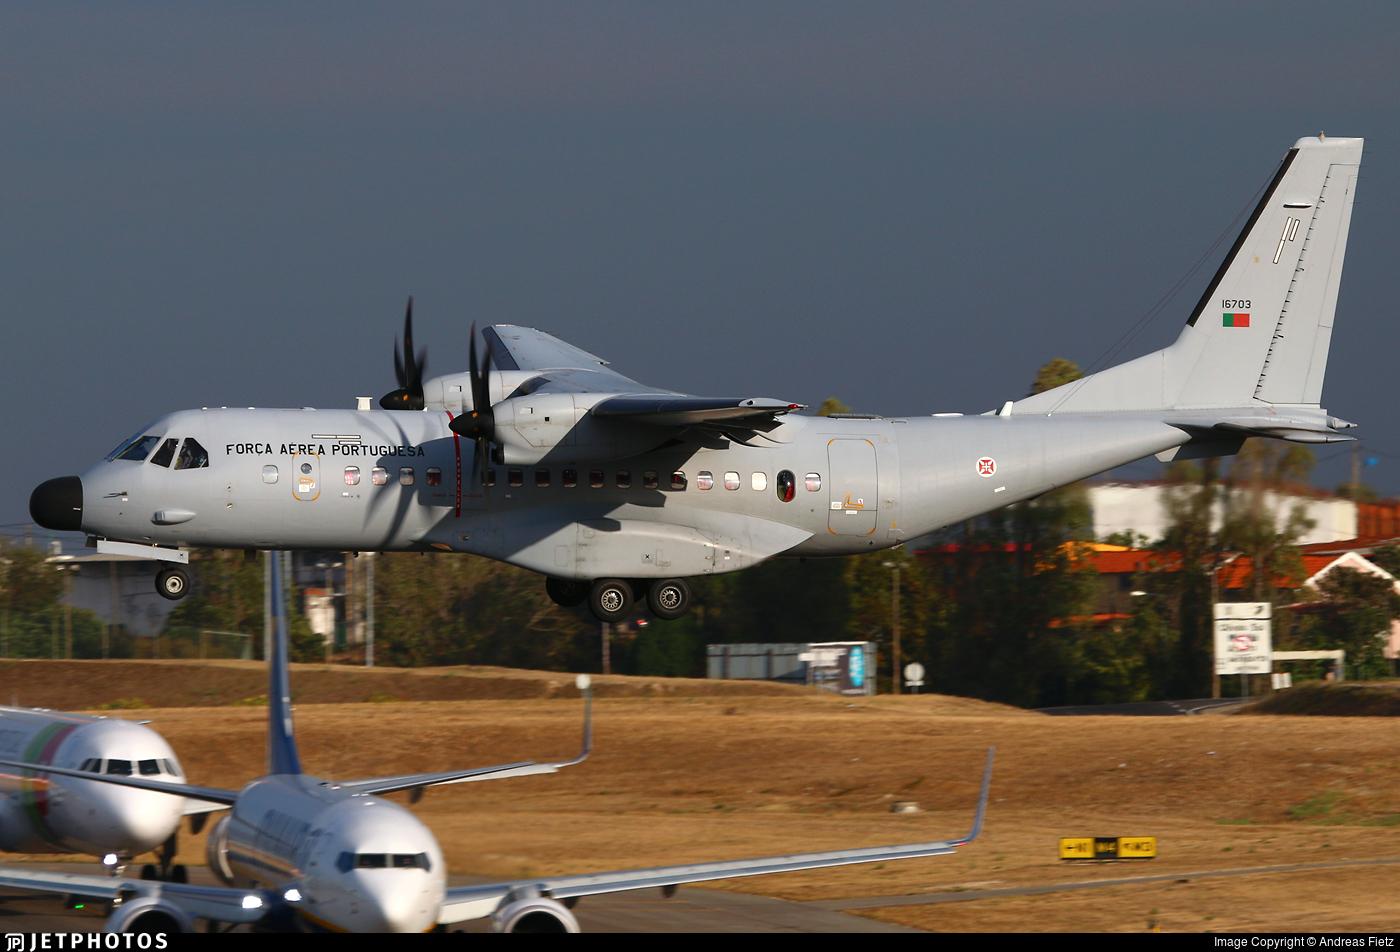 16703 - CASA C-295M - Portugal - Air Force